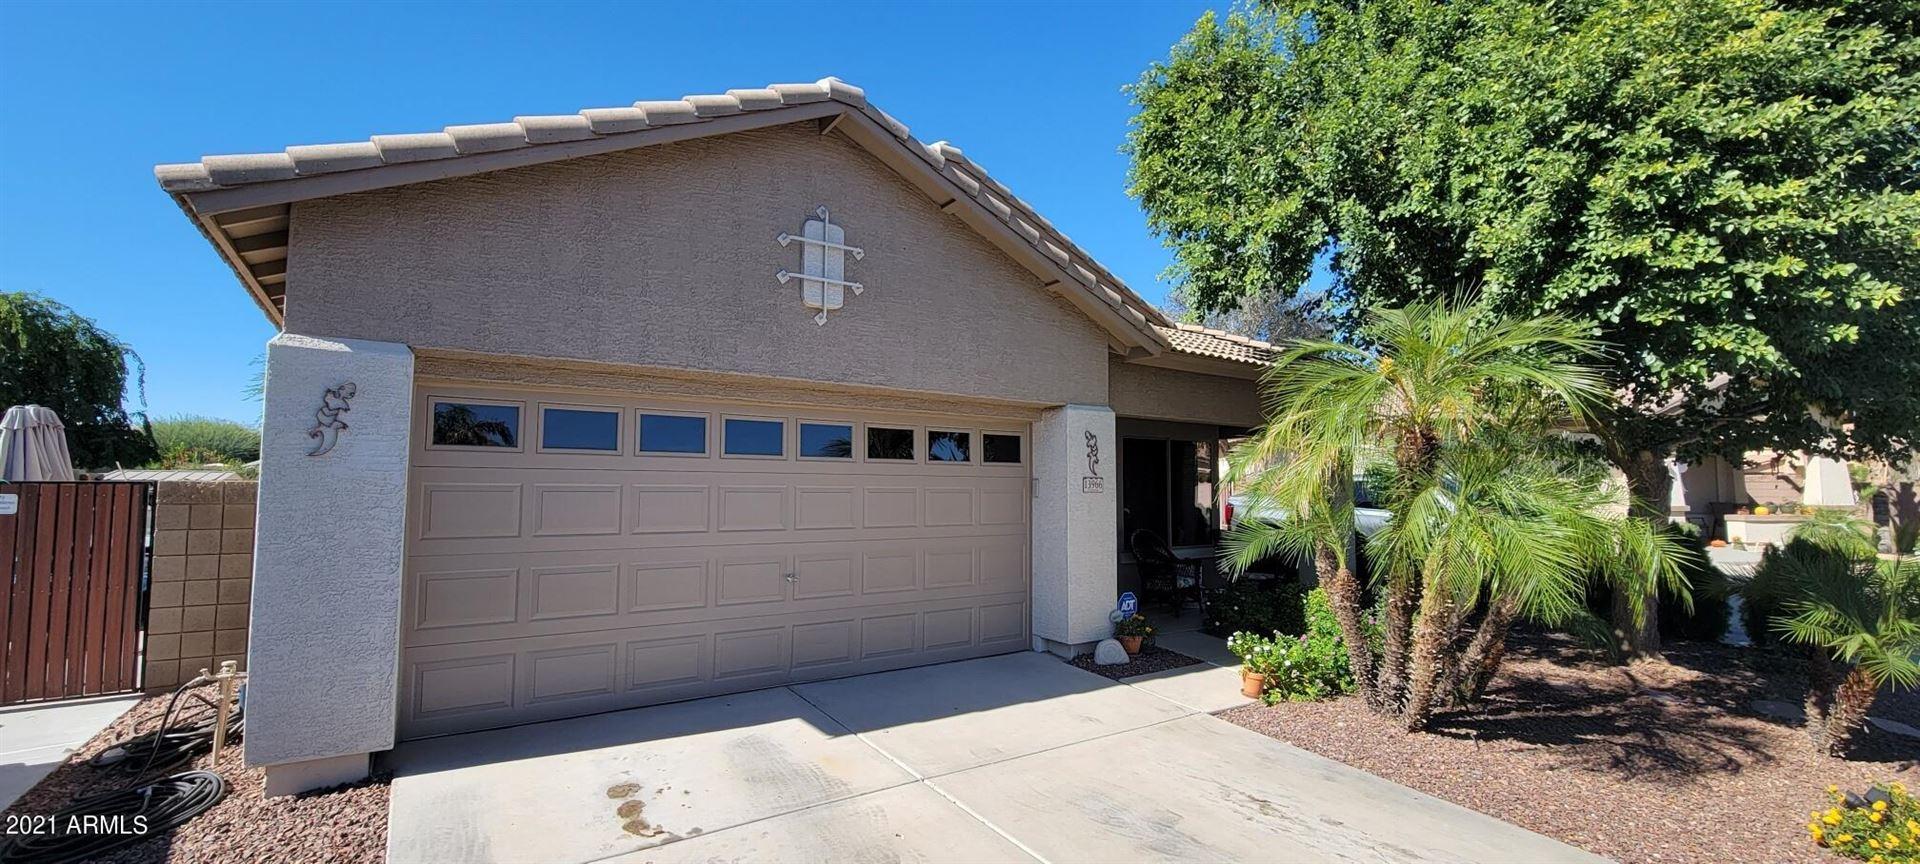 Photo of 13966 N 146TH Lane, Surprise, AZ 85379 (MLS # 6311173)